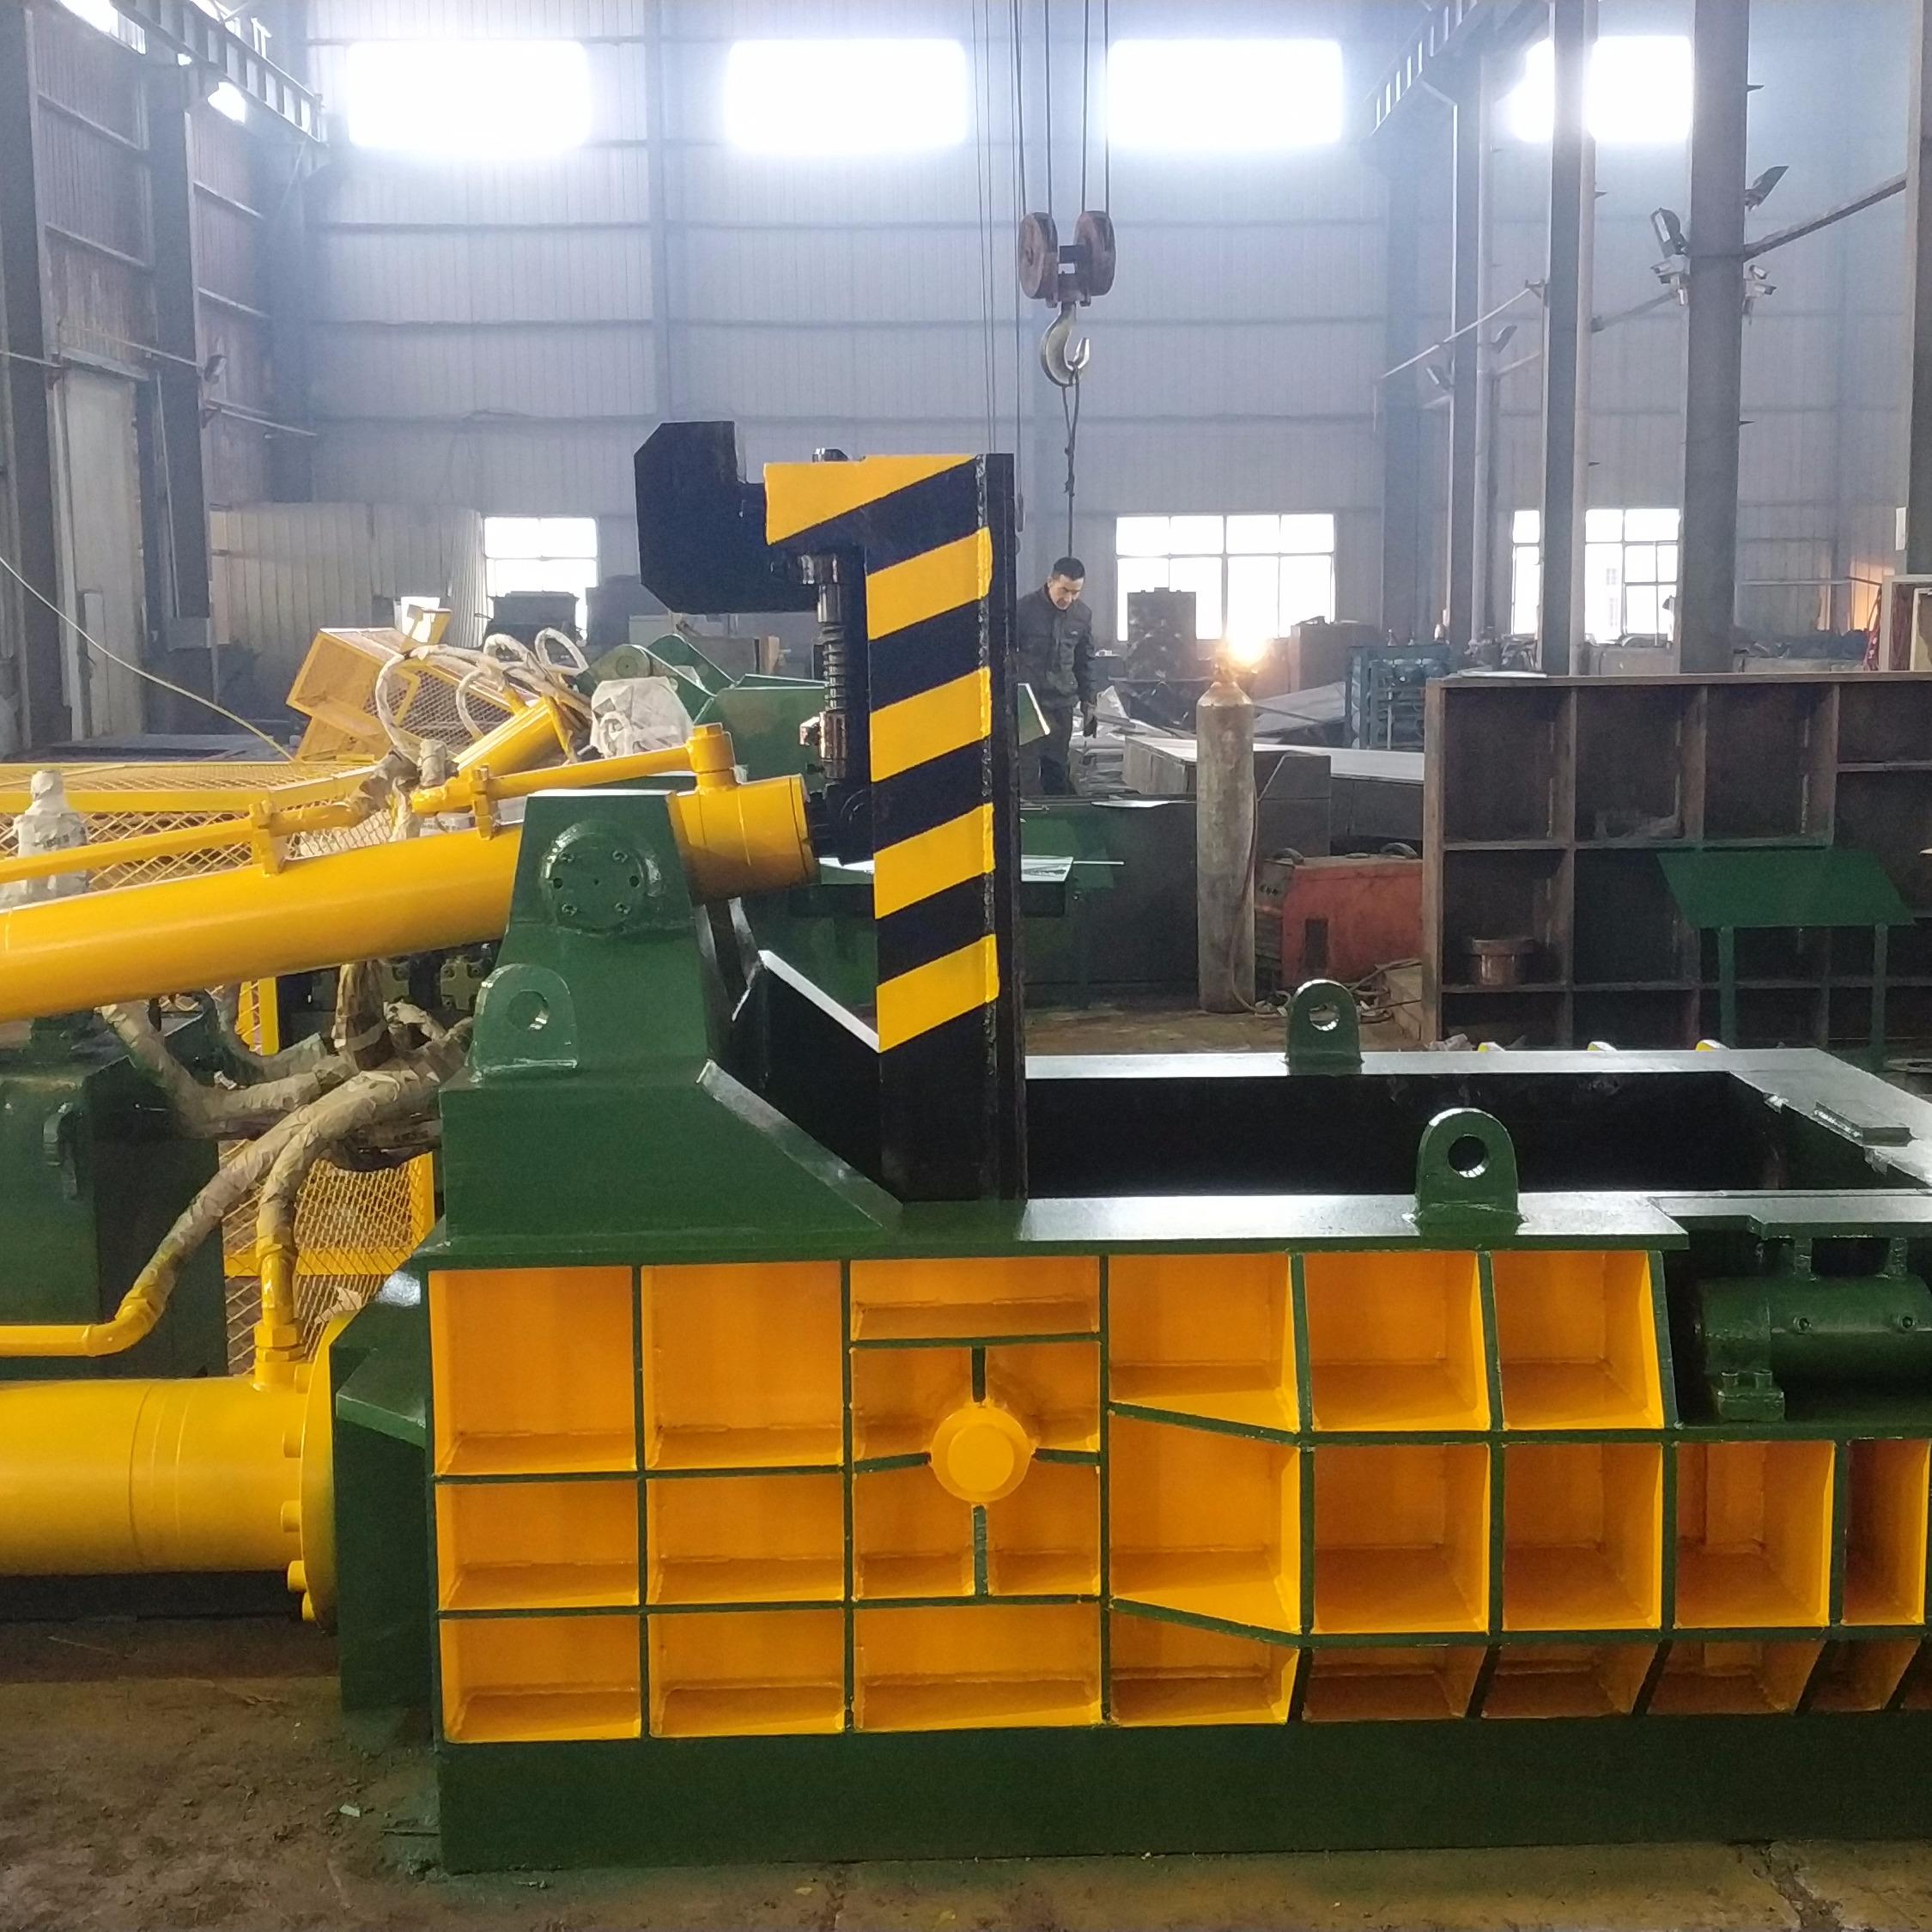 江阴联拓重工供应Y81-1000T液压金属打包机 125T、160T、250T、315T金属打包机